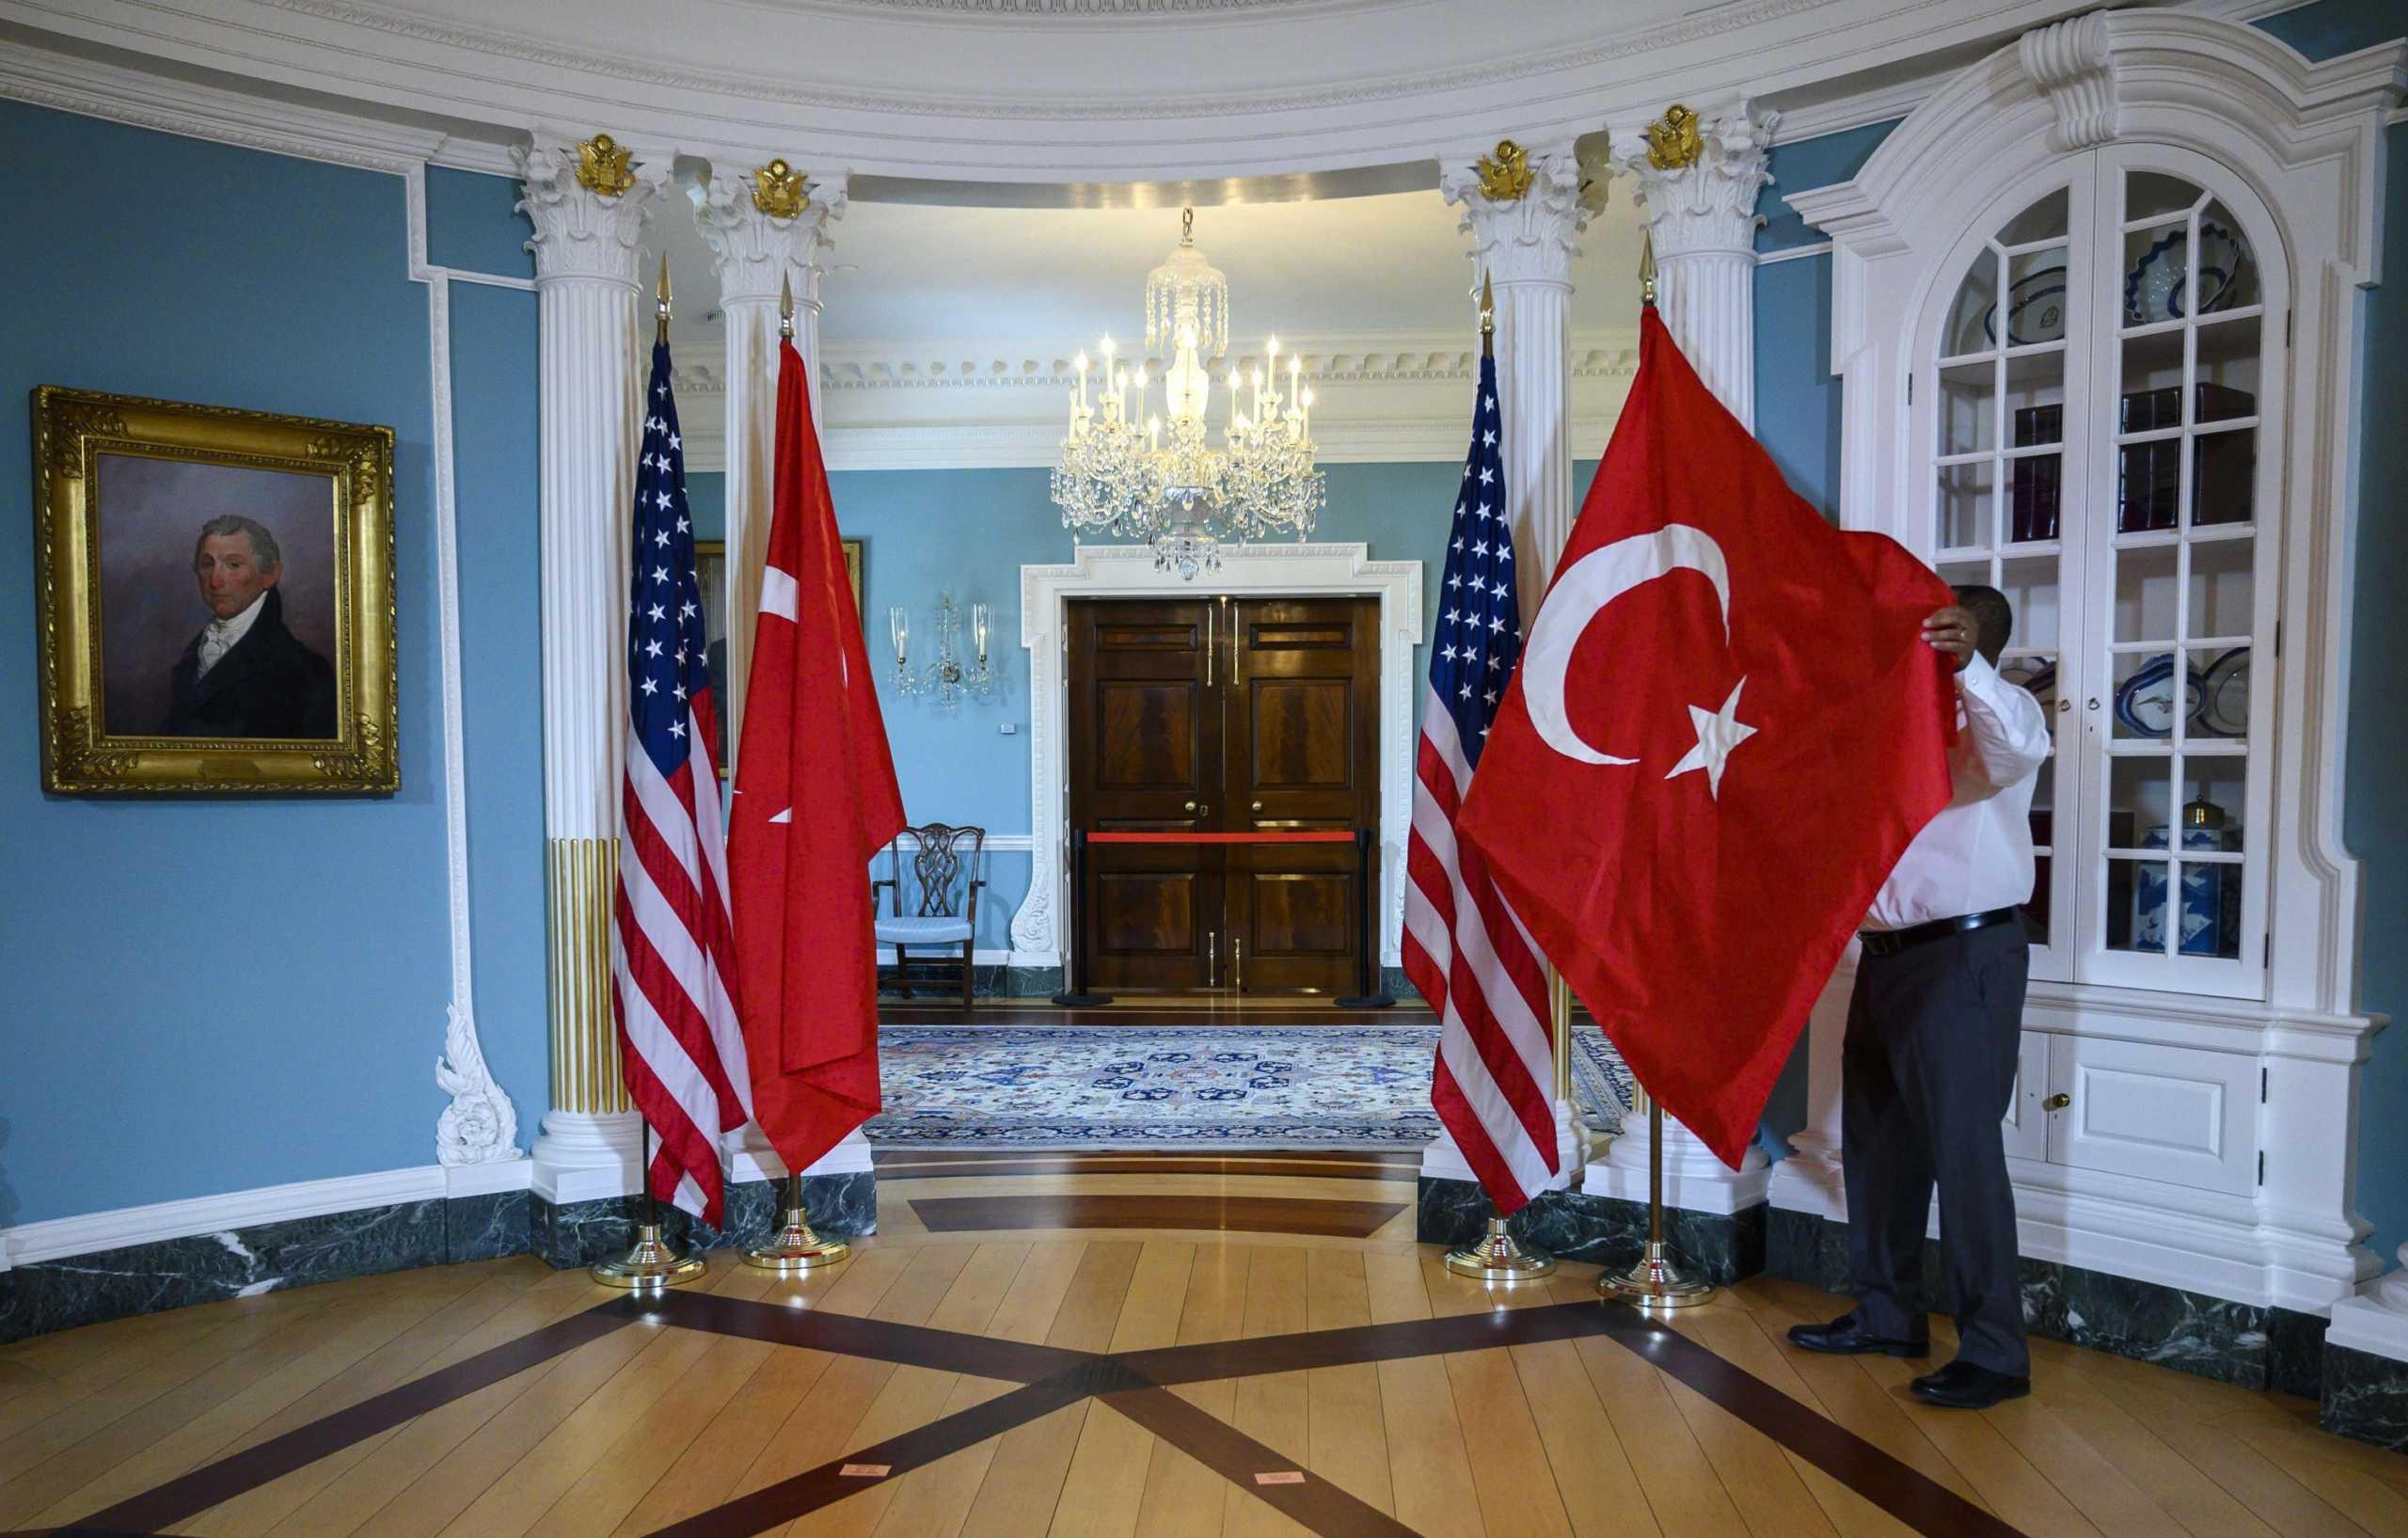 τουρκικές και αμερικανικές σημαίες